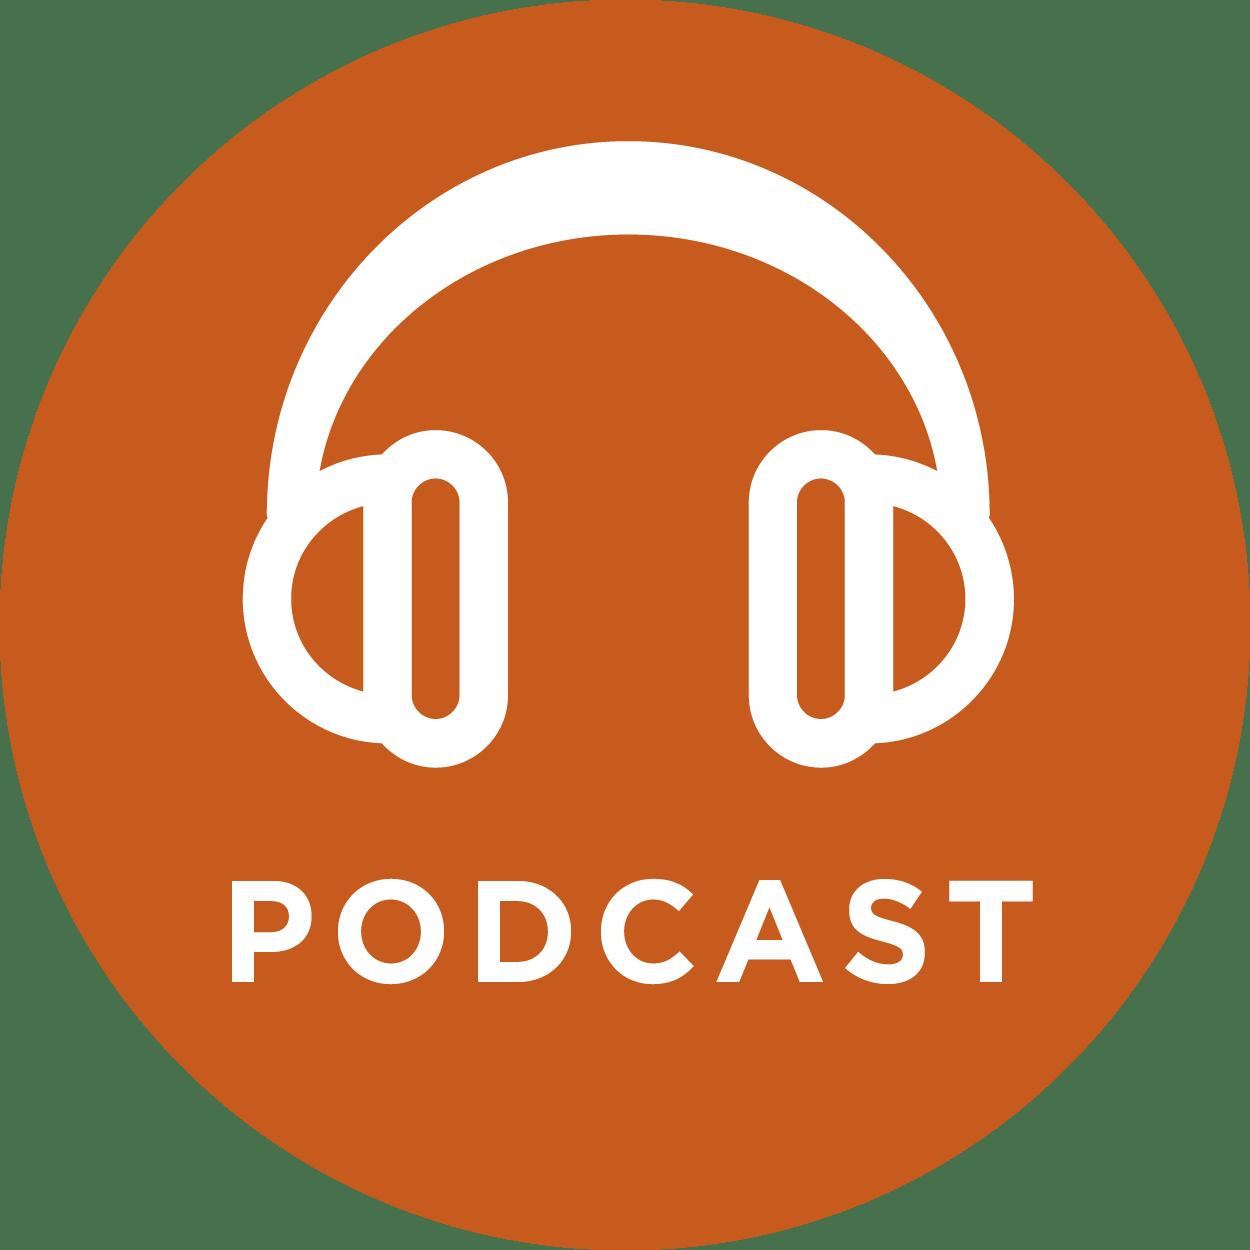 Bildergebnis für podcast